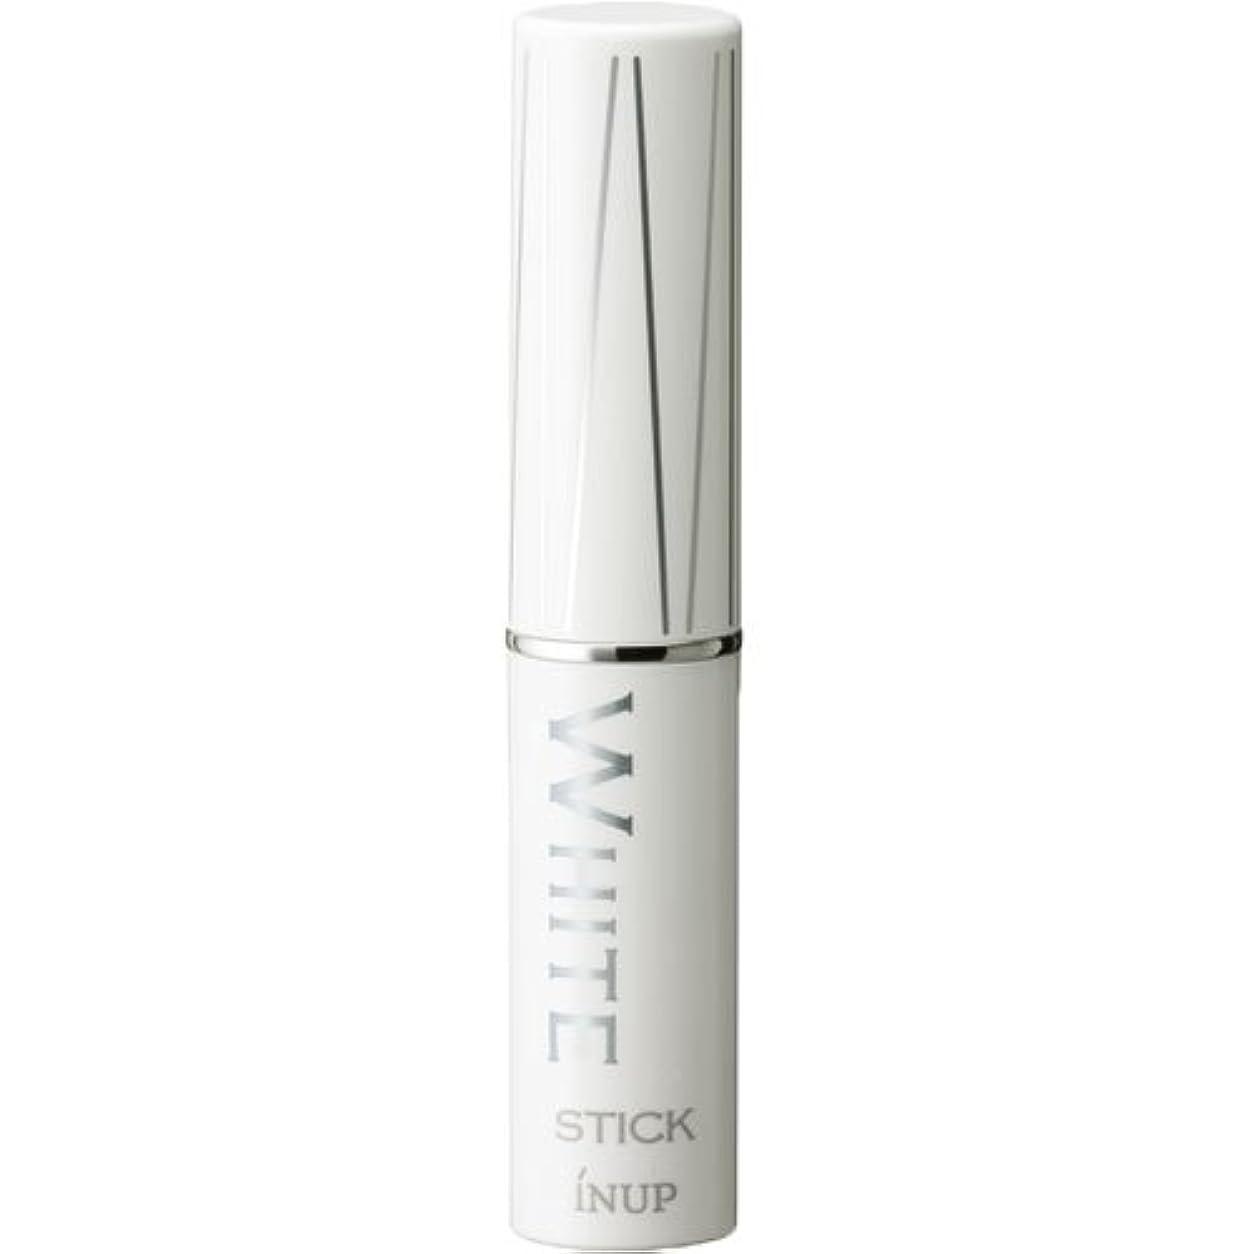 受粉者世界記録のギネスブック酸インナップ 美容スティック ビタミンC誘導体85% 配合 ホワイトスティック